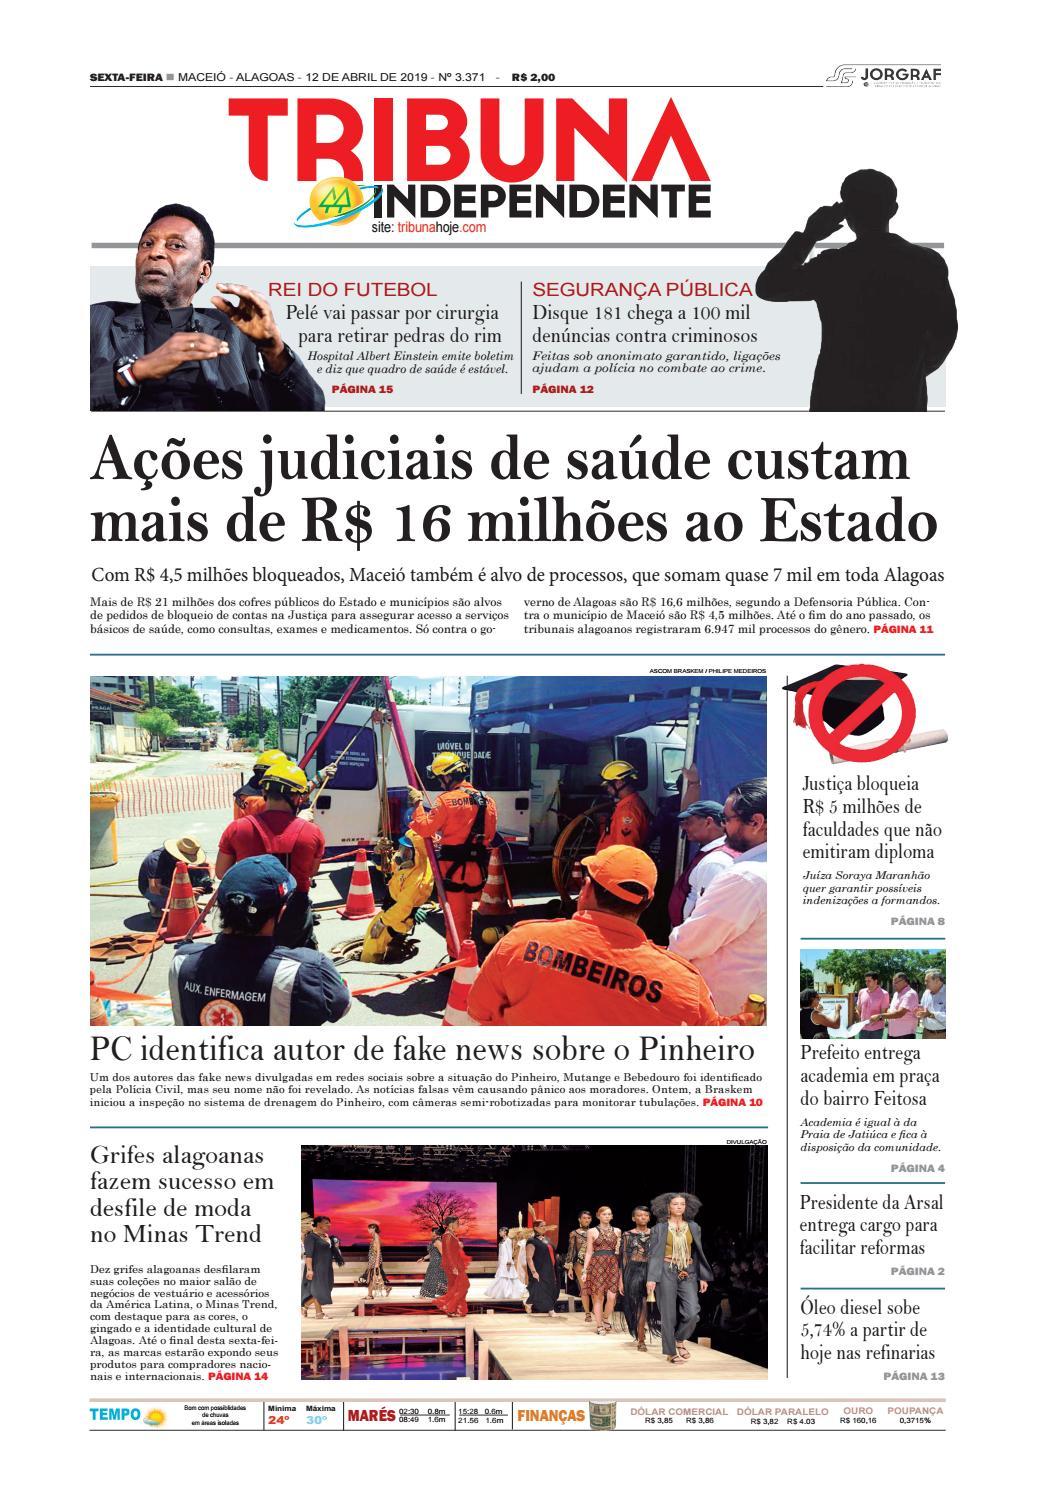 9f3135856 Edição número 3371 - 12 de abril de 2019 by Tribuna Hoje - issuu